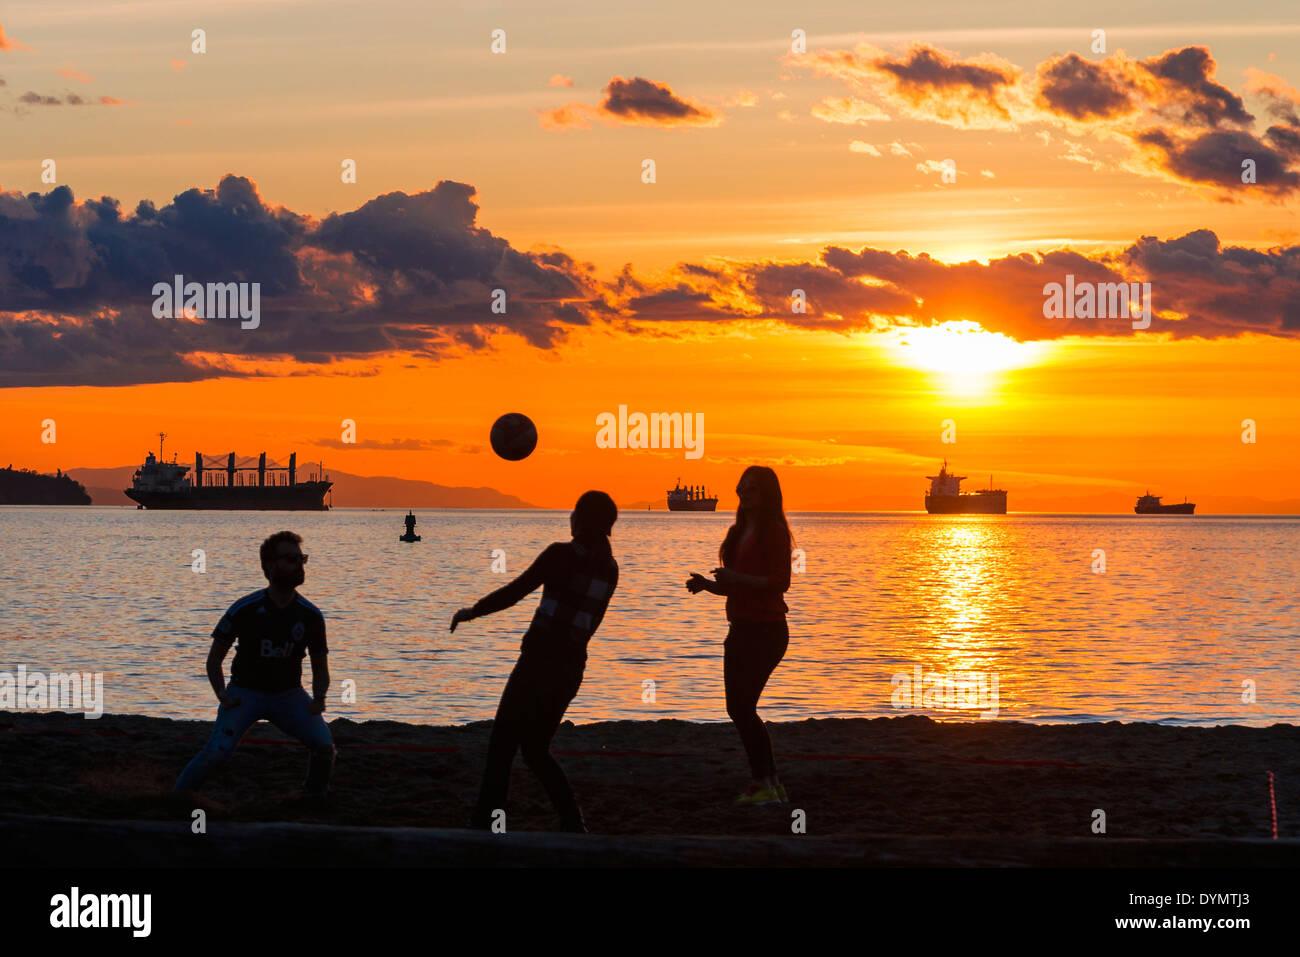 Una partita di pallavolo sulla spiaggia al tramonto, English Bay Beach, Vancouver, British Columbia, Canada Immagini Stock